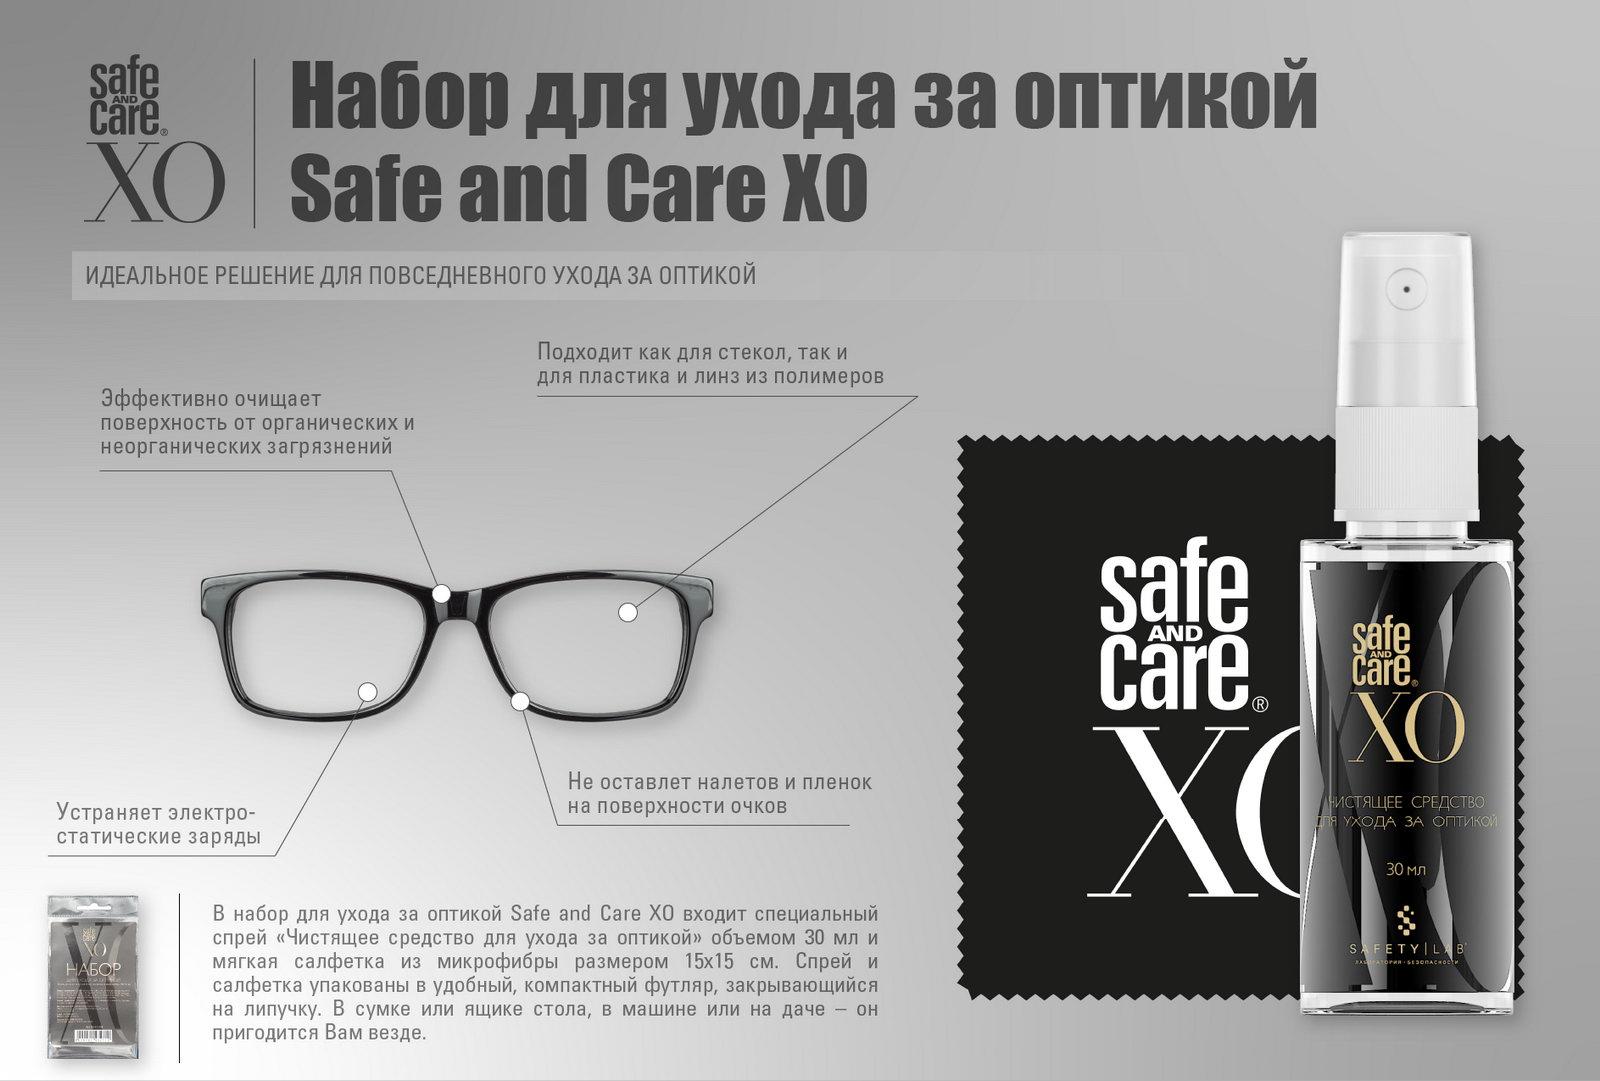 Набор для ухода за оптикой Safe and Care XO